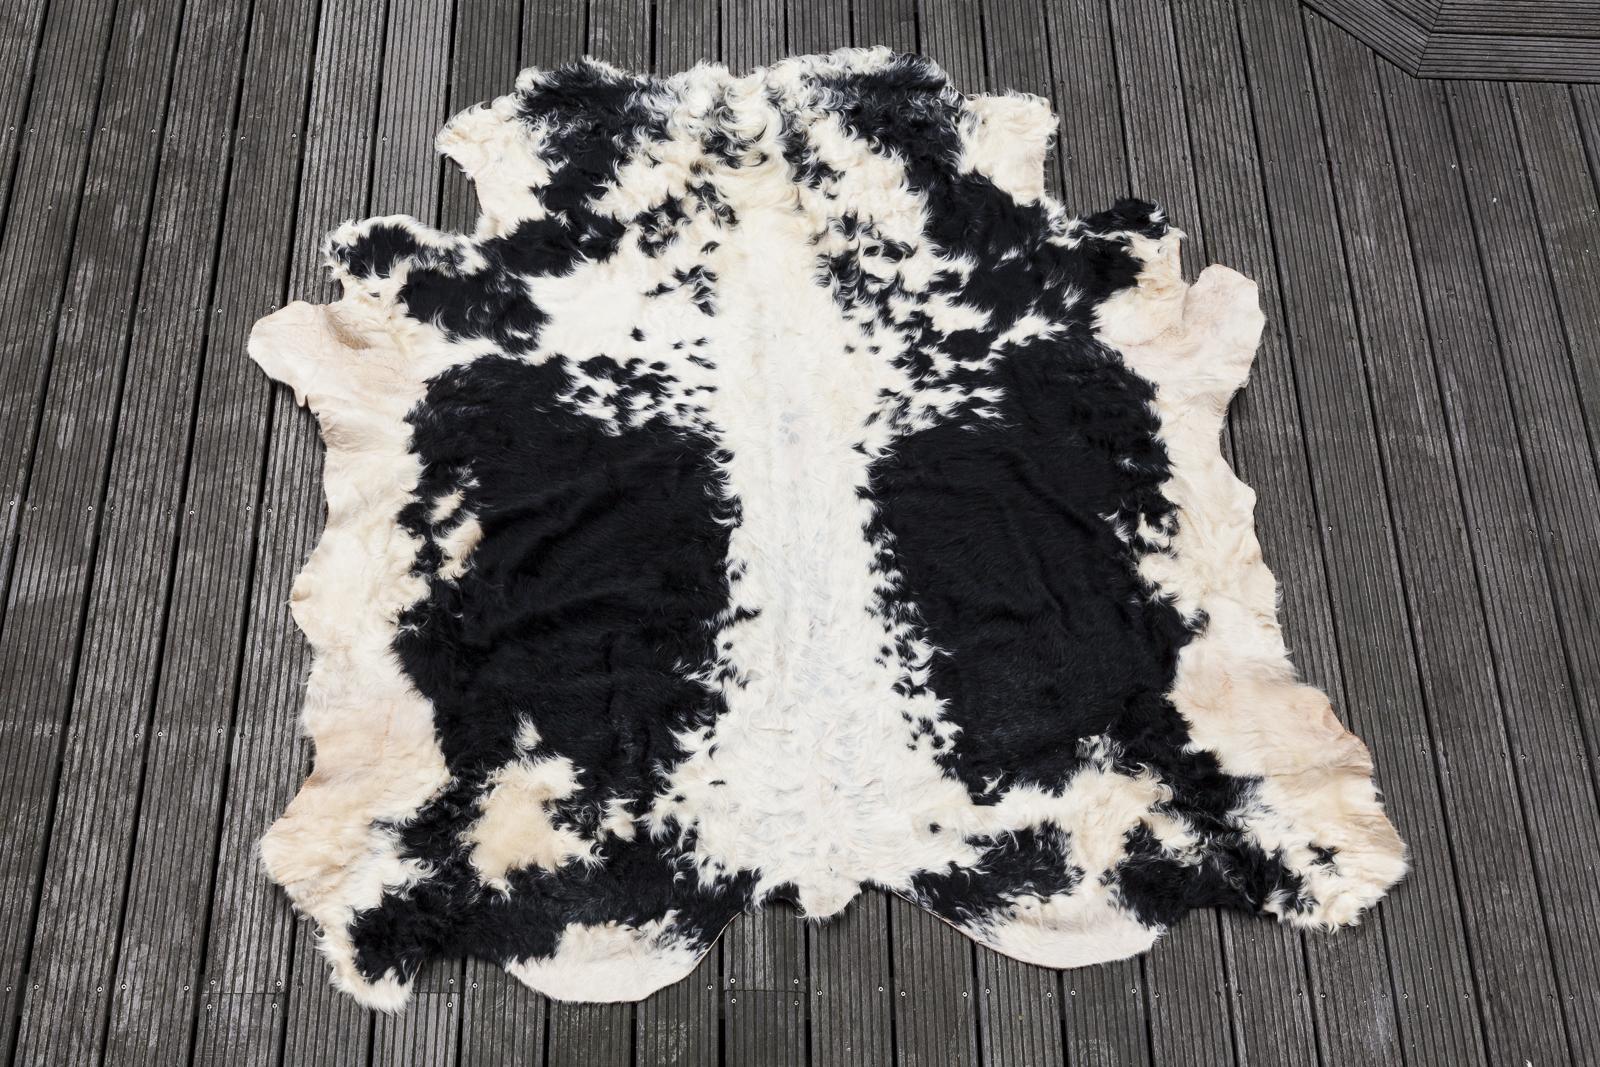 tierfell teppich ko schaffell lammfell fell teppich unikat xcm with tierfell teppich. Black Bedroom Furniture Sets. Home Design Ideas